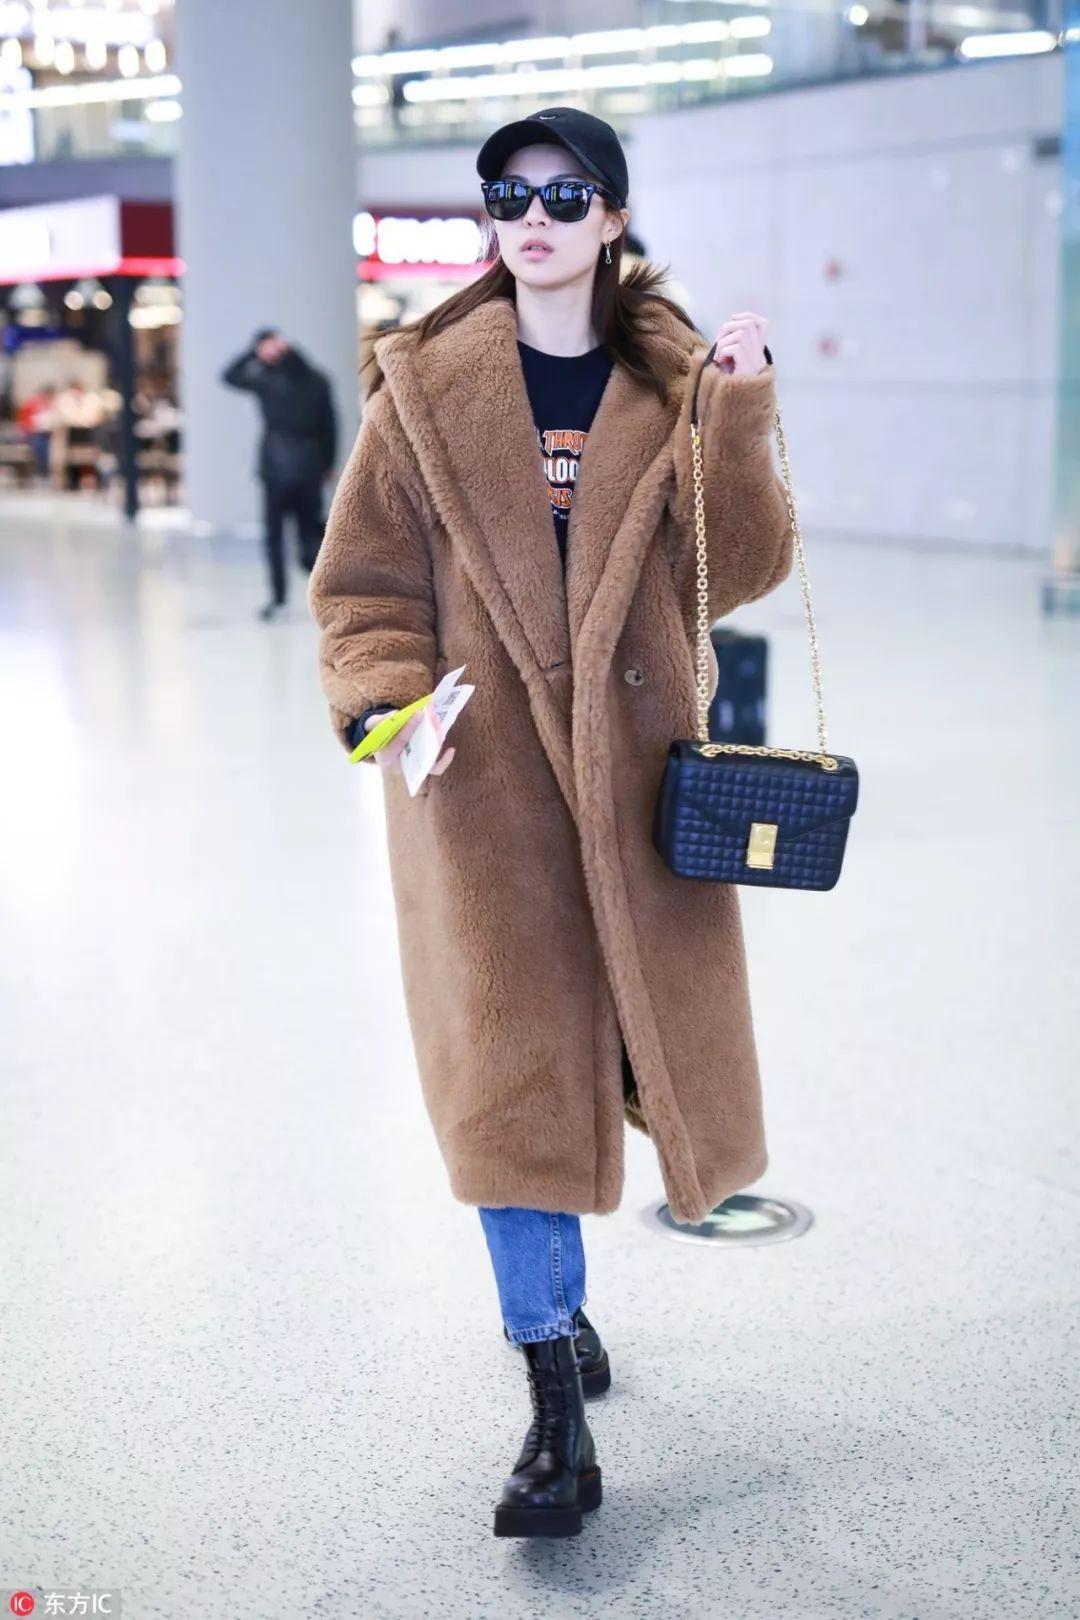 泰迪熊外套那么火,怎么穿才不撞衫?